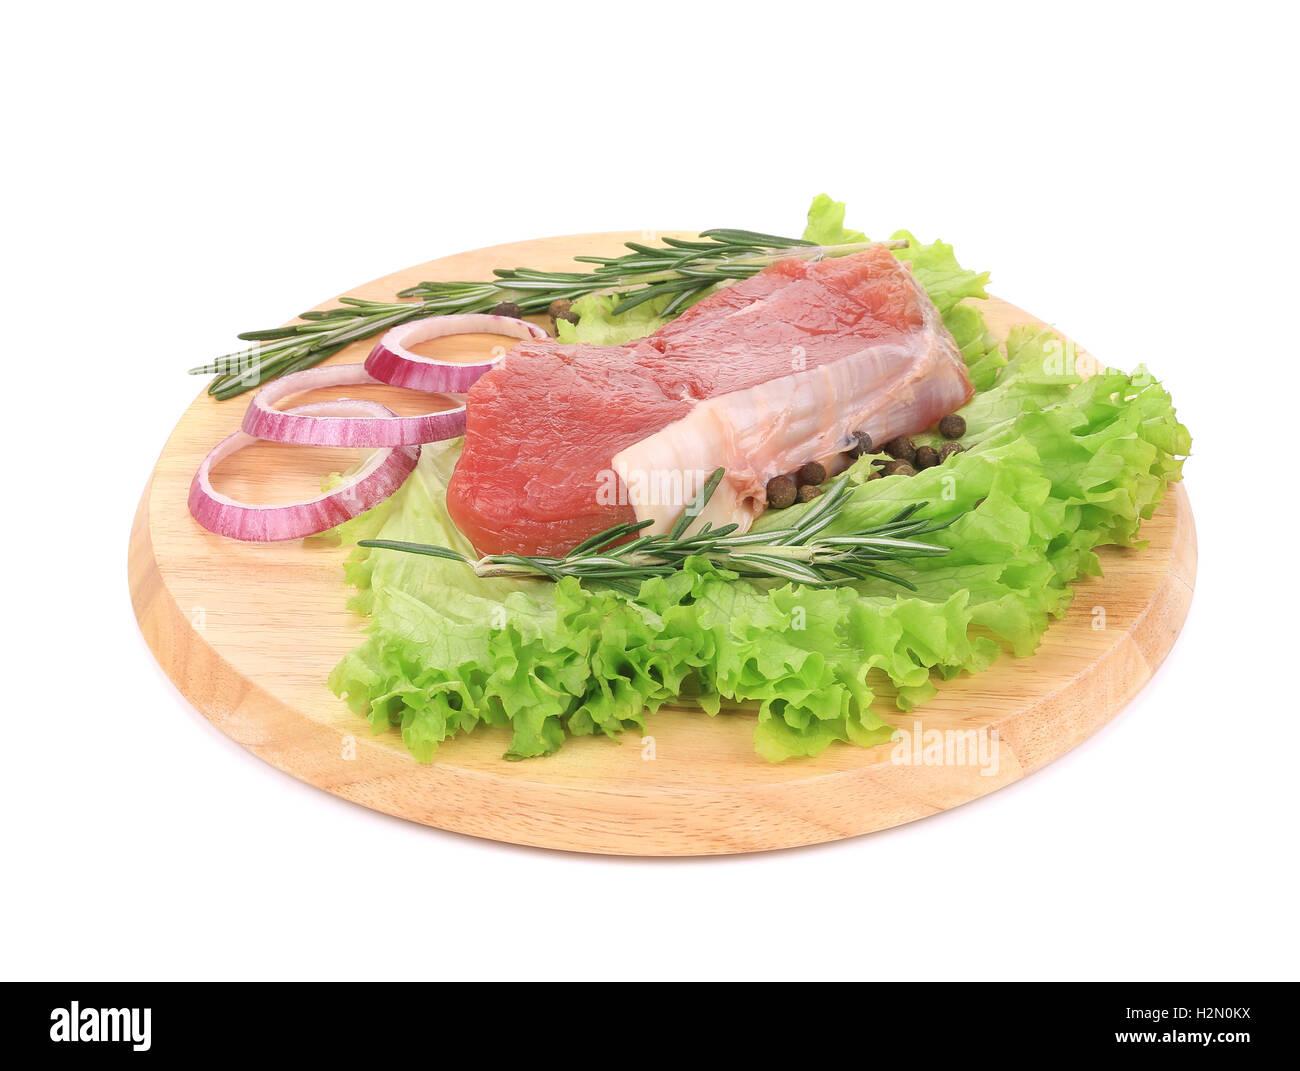 Raw beefsteak on platter. Stock Photo